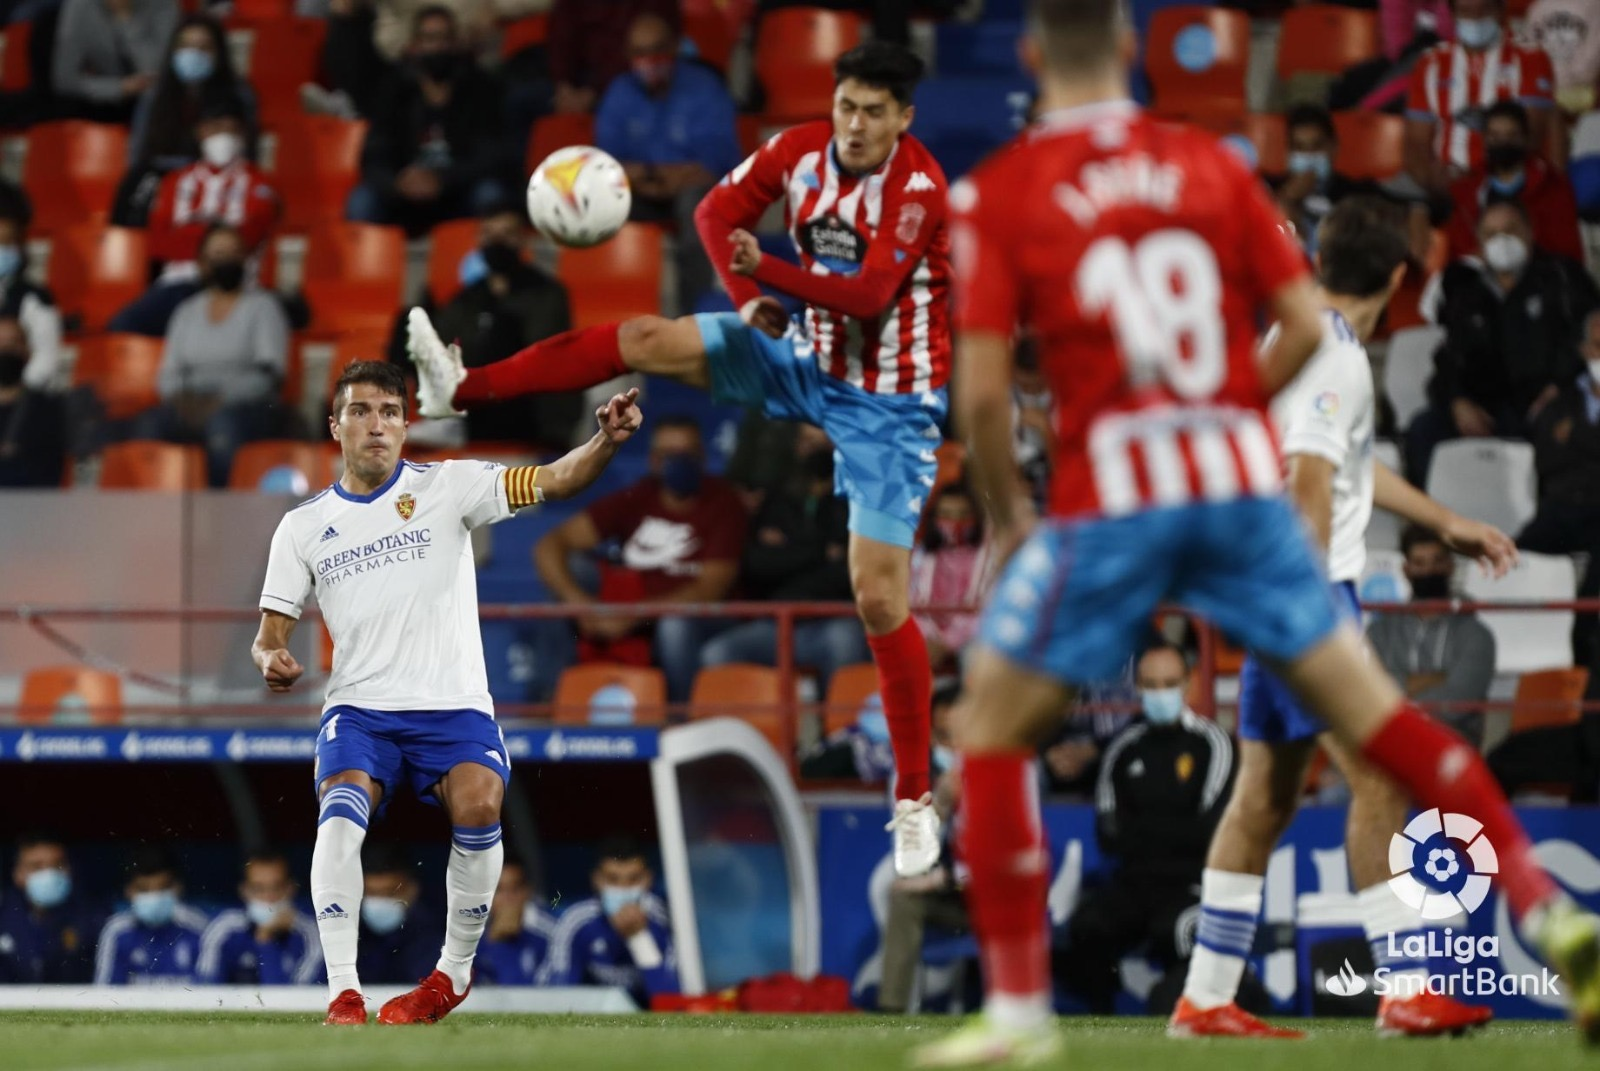 Disputado empate para el Real Zaragoza en el Anxo Carro